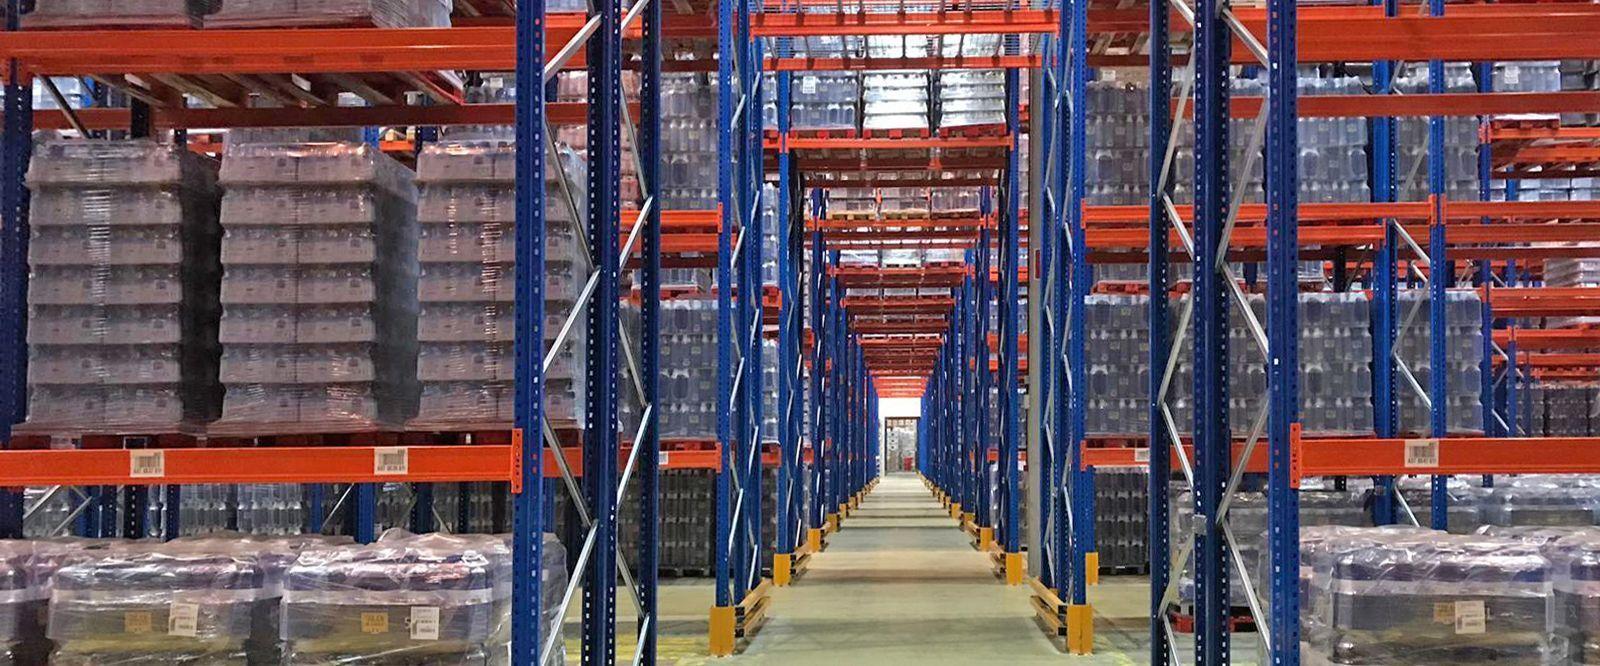 La importancia de la distribución de los pasillos en un almacén